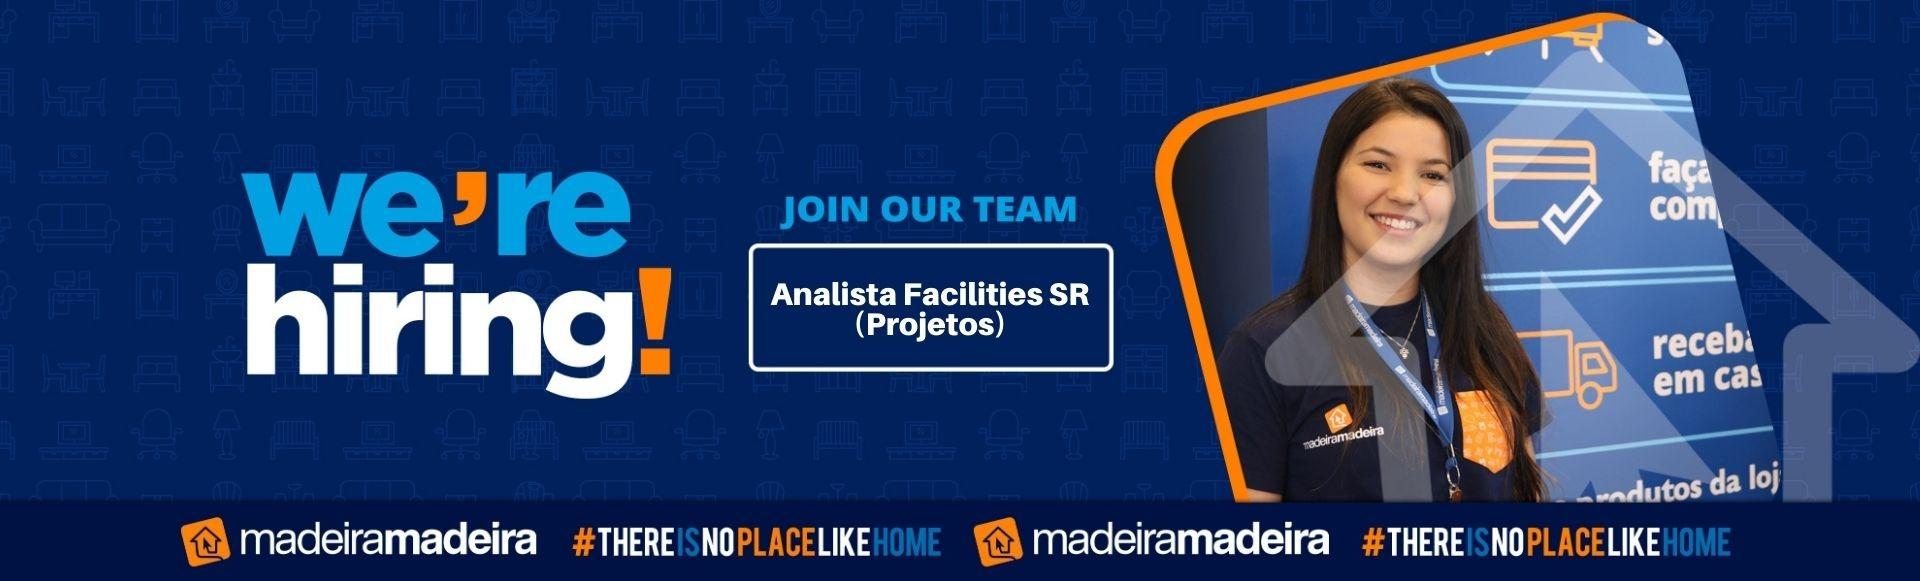 Analista de Facilities  SR - Projetos